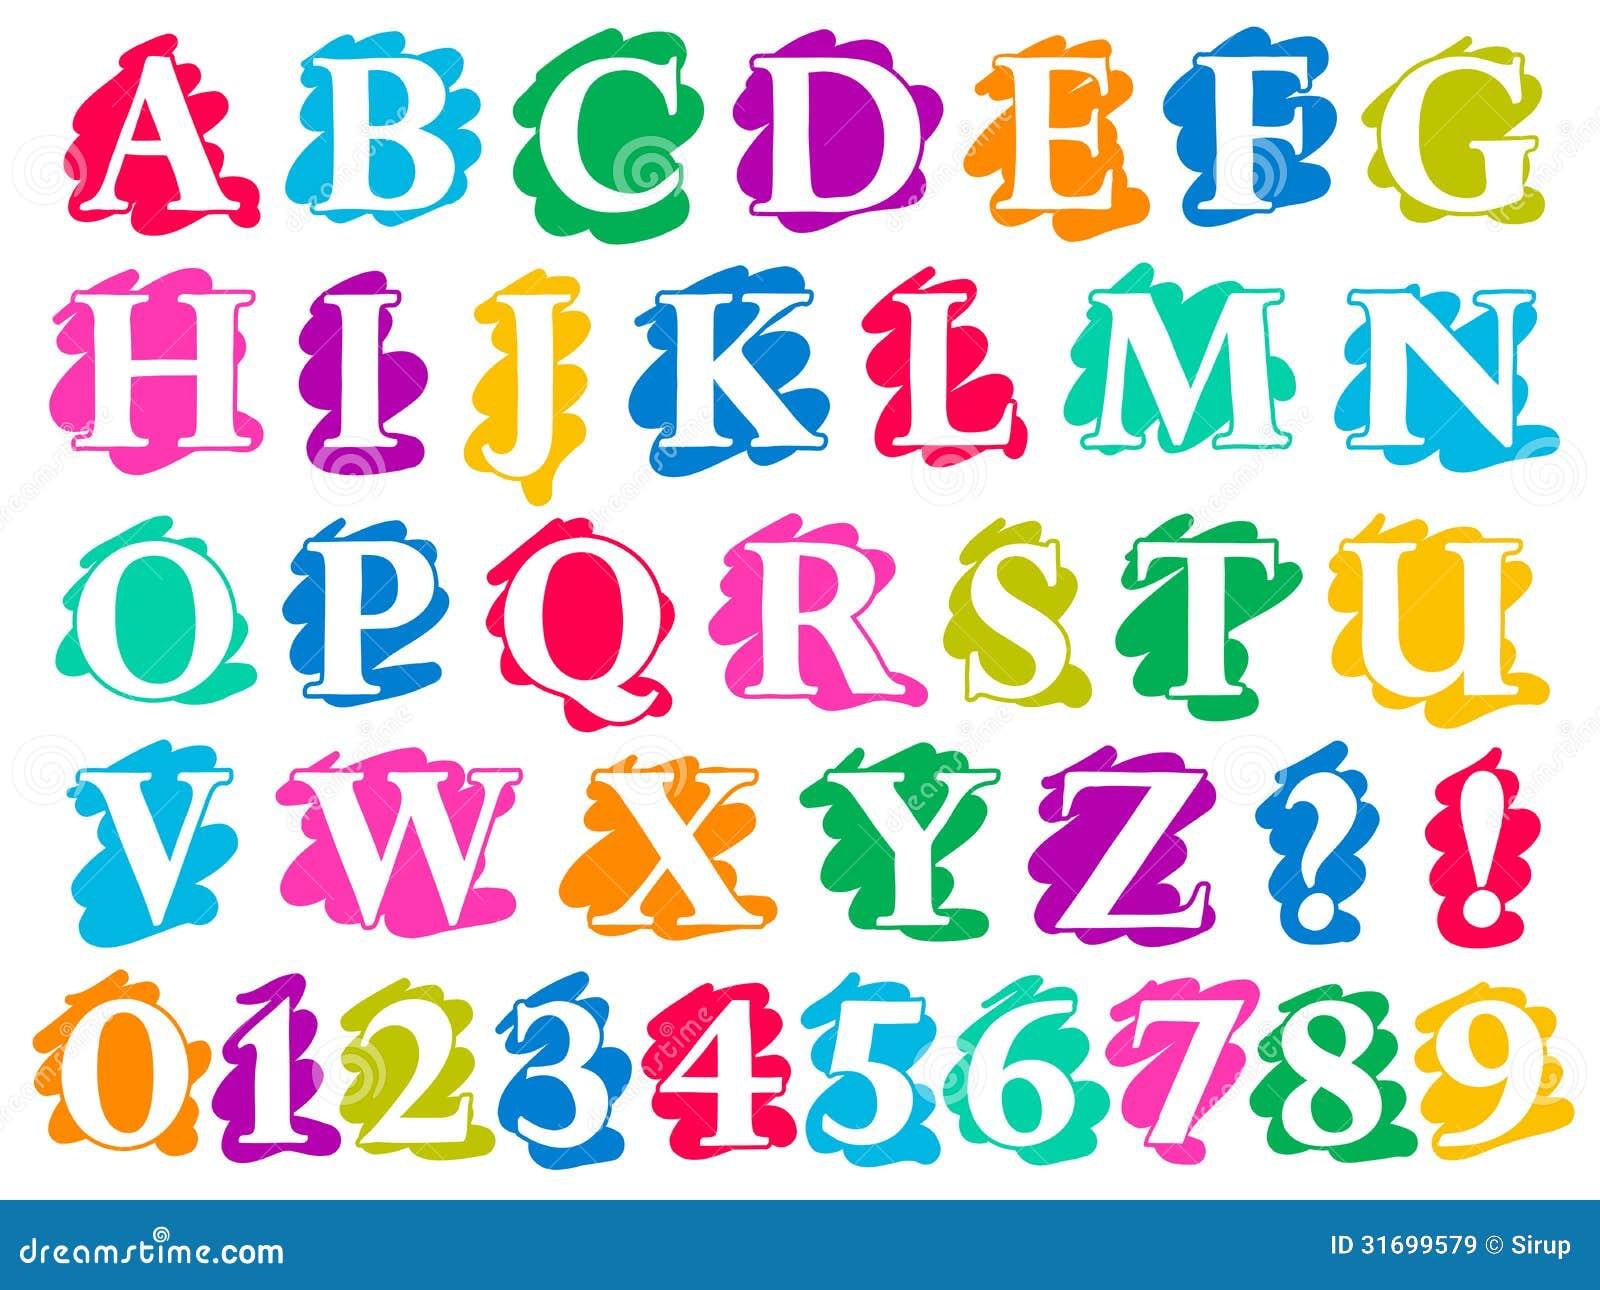 Alphabet to colour - Colour Doodle Splash Alphabet Letters And Digits